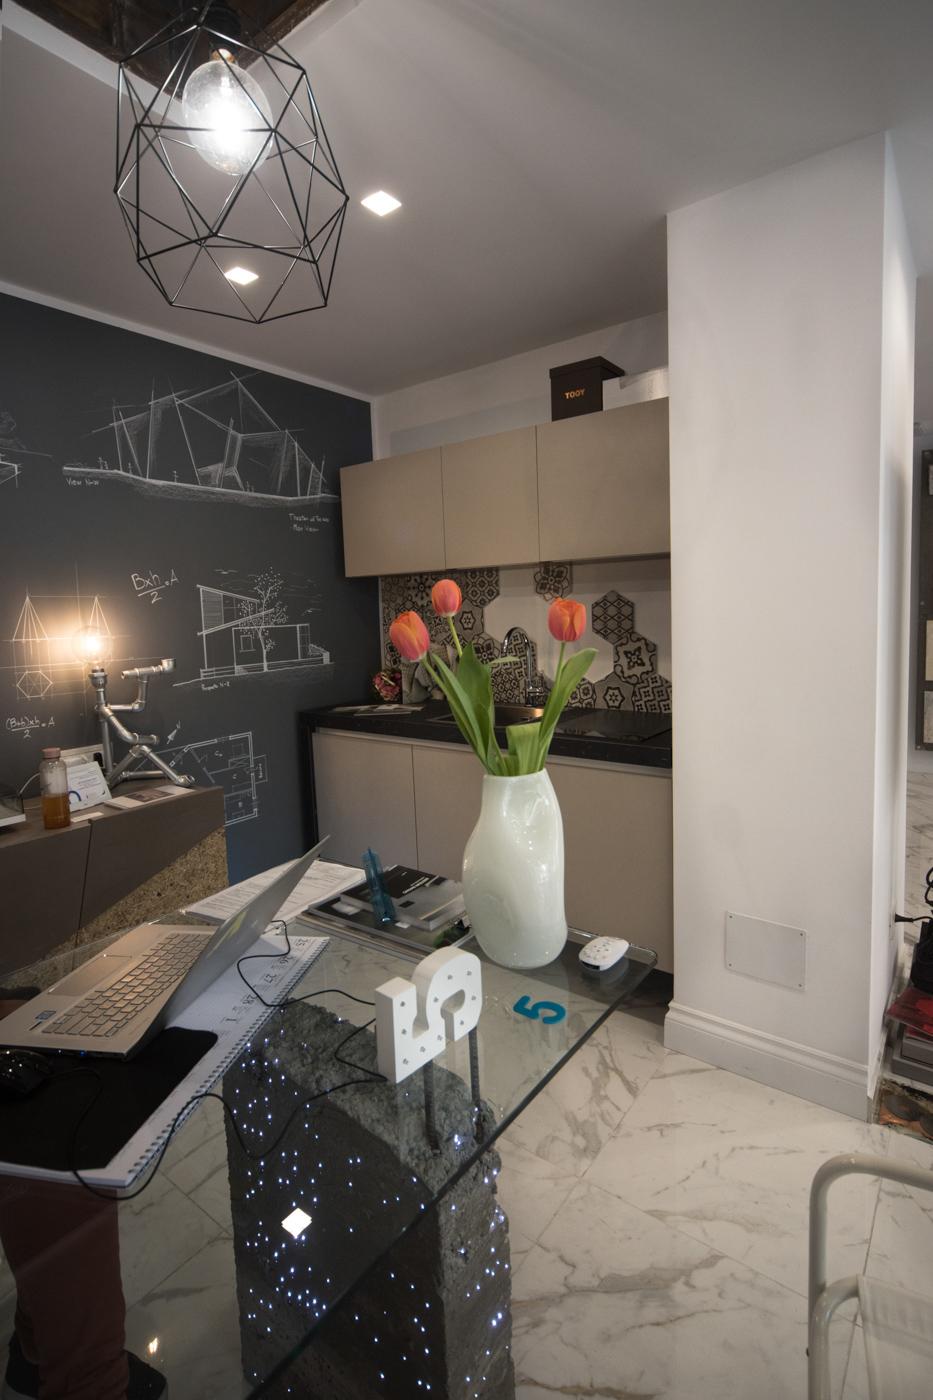 valentina solera, architetto, interior, ristrutturazione, genova, liguria, italy, interior5-3.jpg